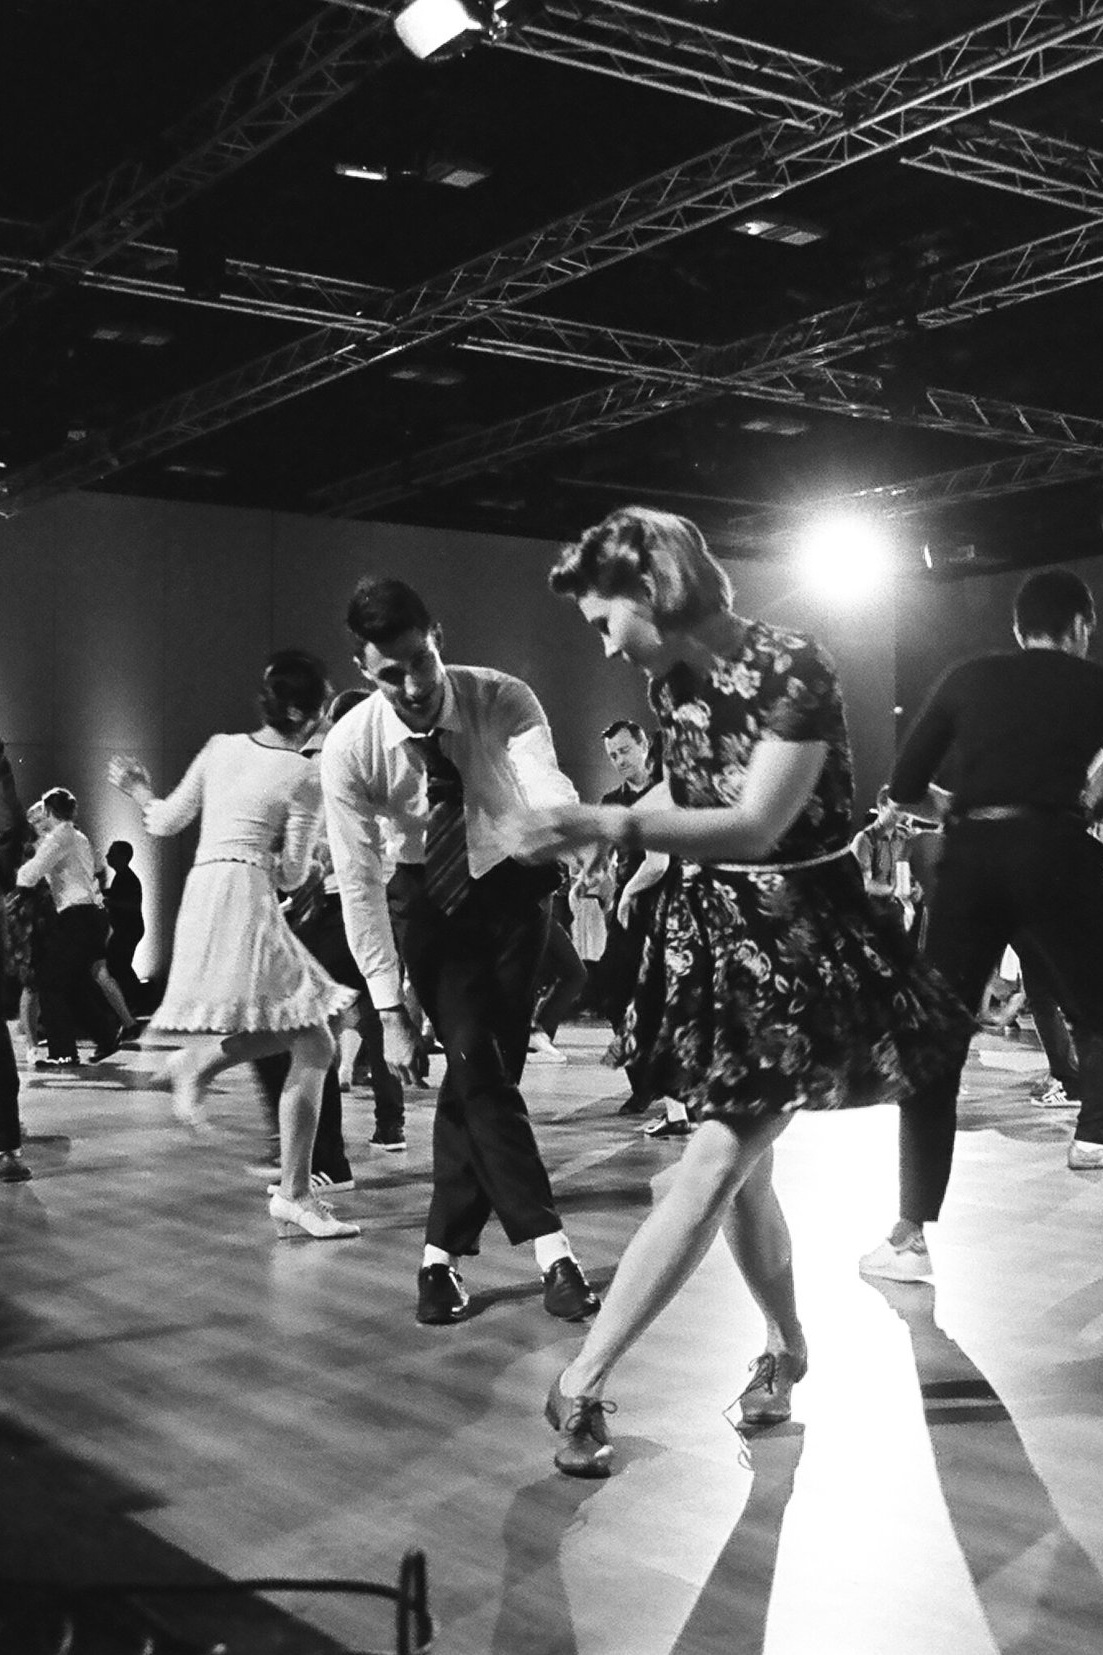 Lindy+Hop+social+dancing-swing+music+and+dancing